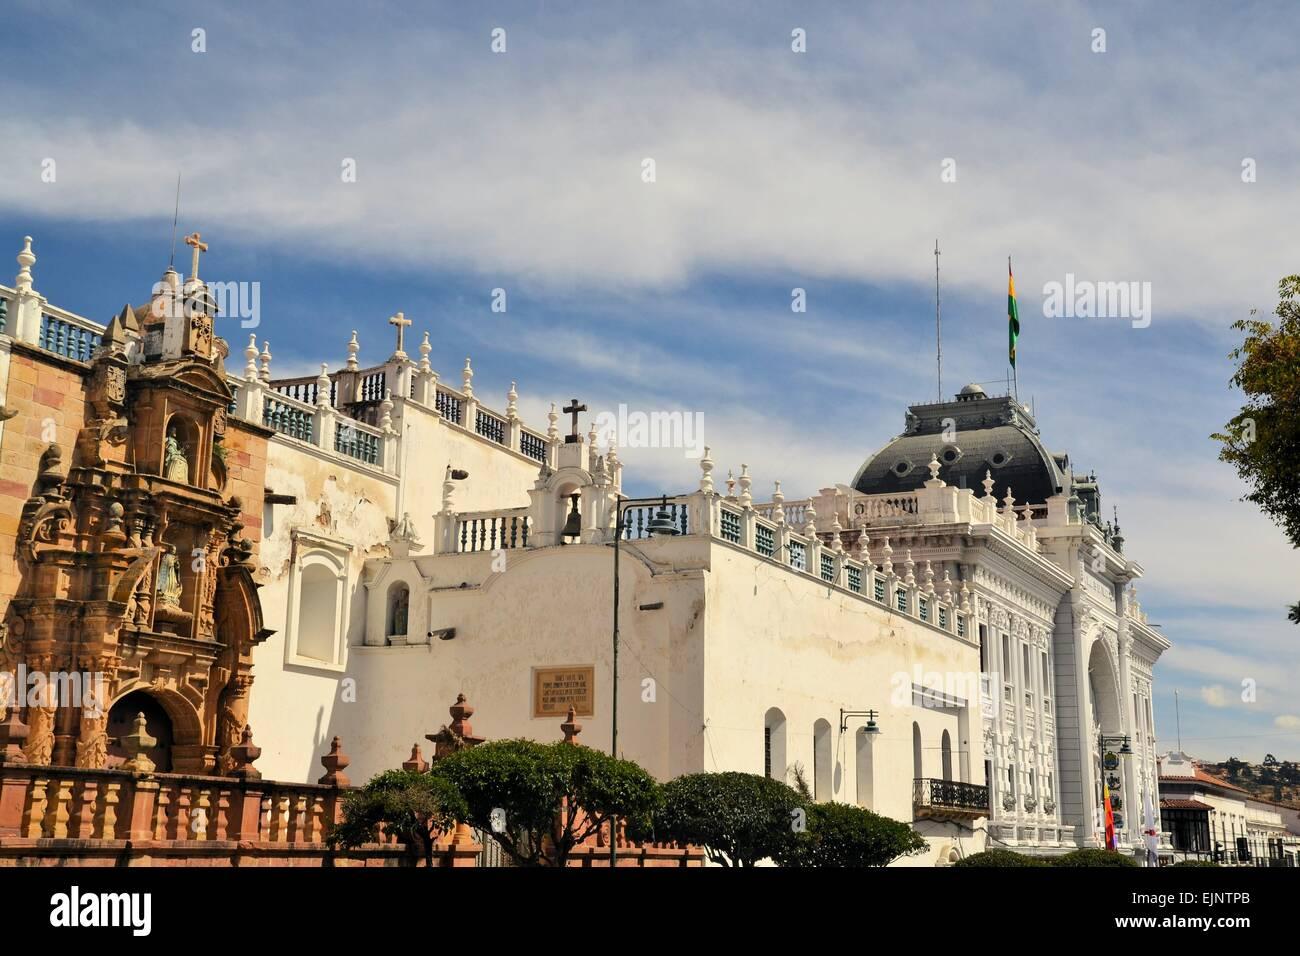 Government Building Of Capital City Sucre Bolivia Stock Photo Alamy